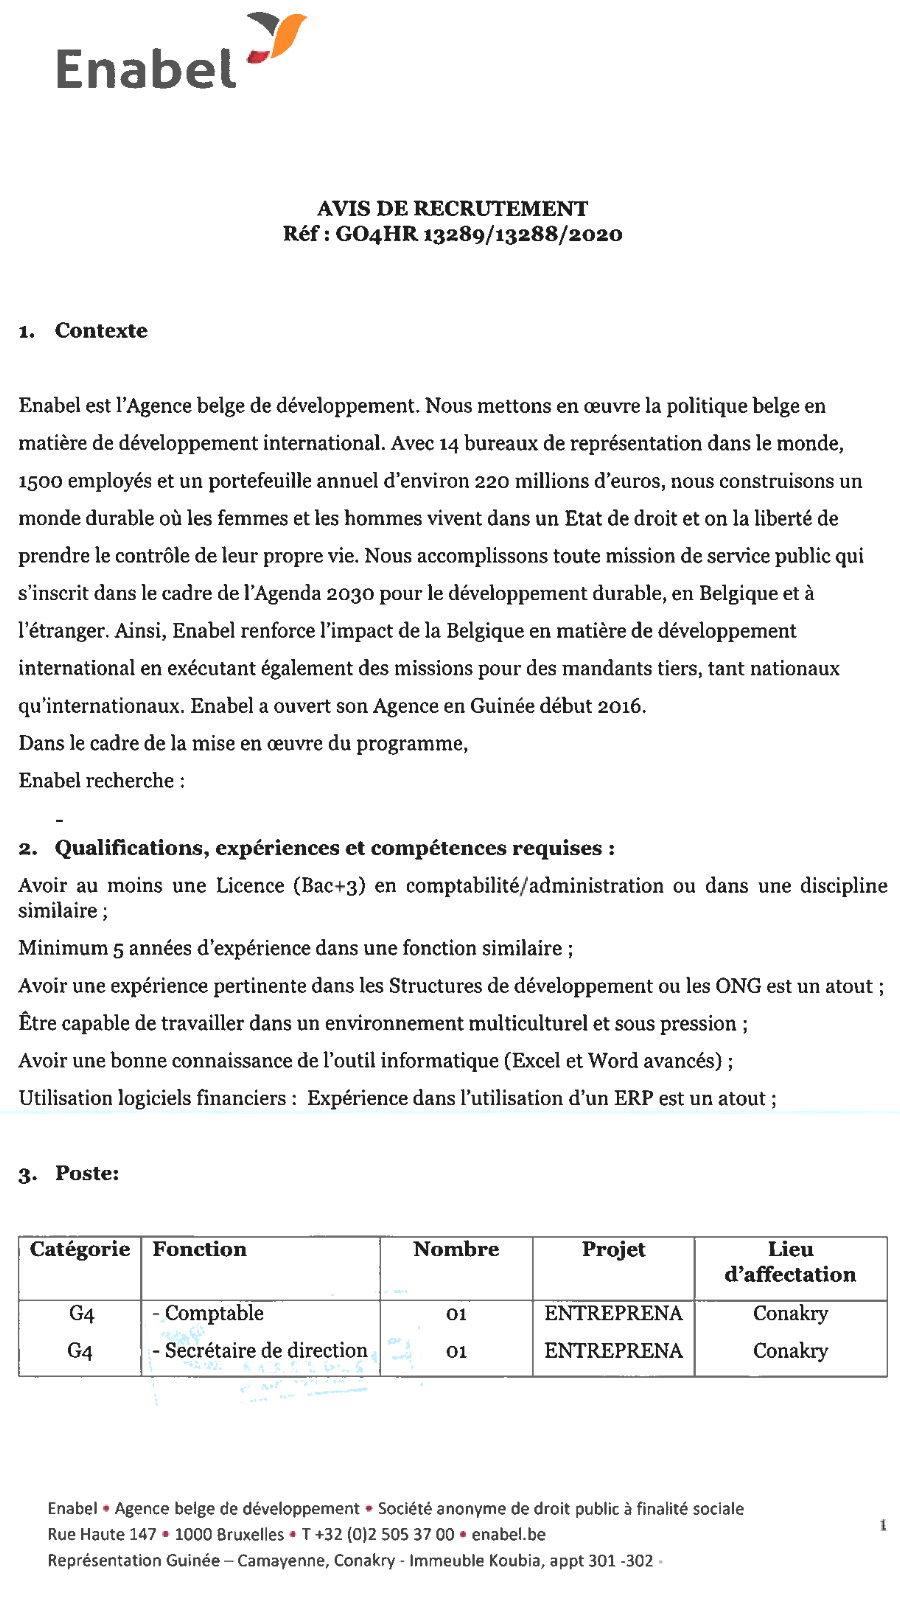 Offres d'emploi enabel en guinée p.1